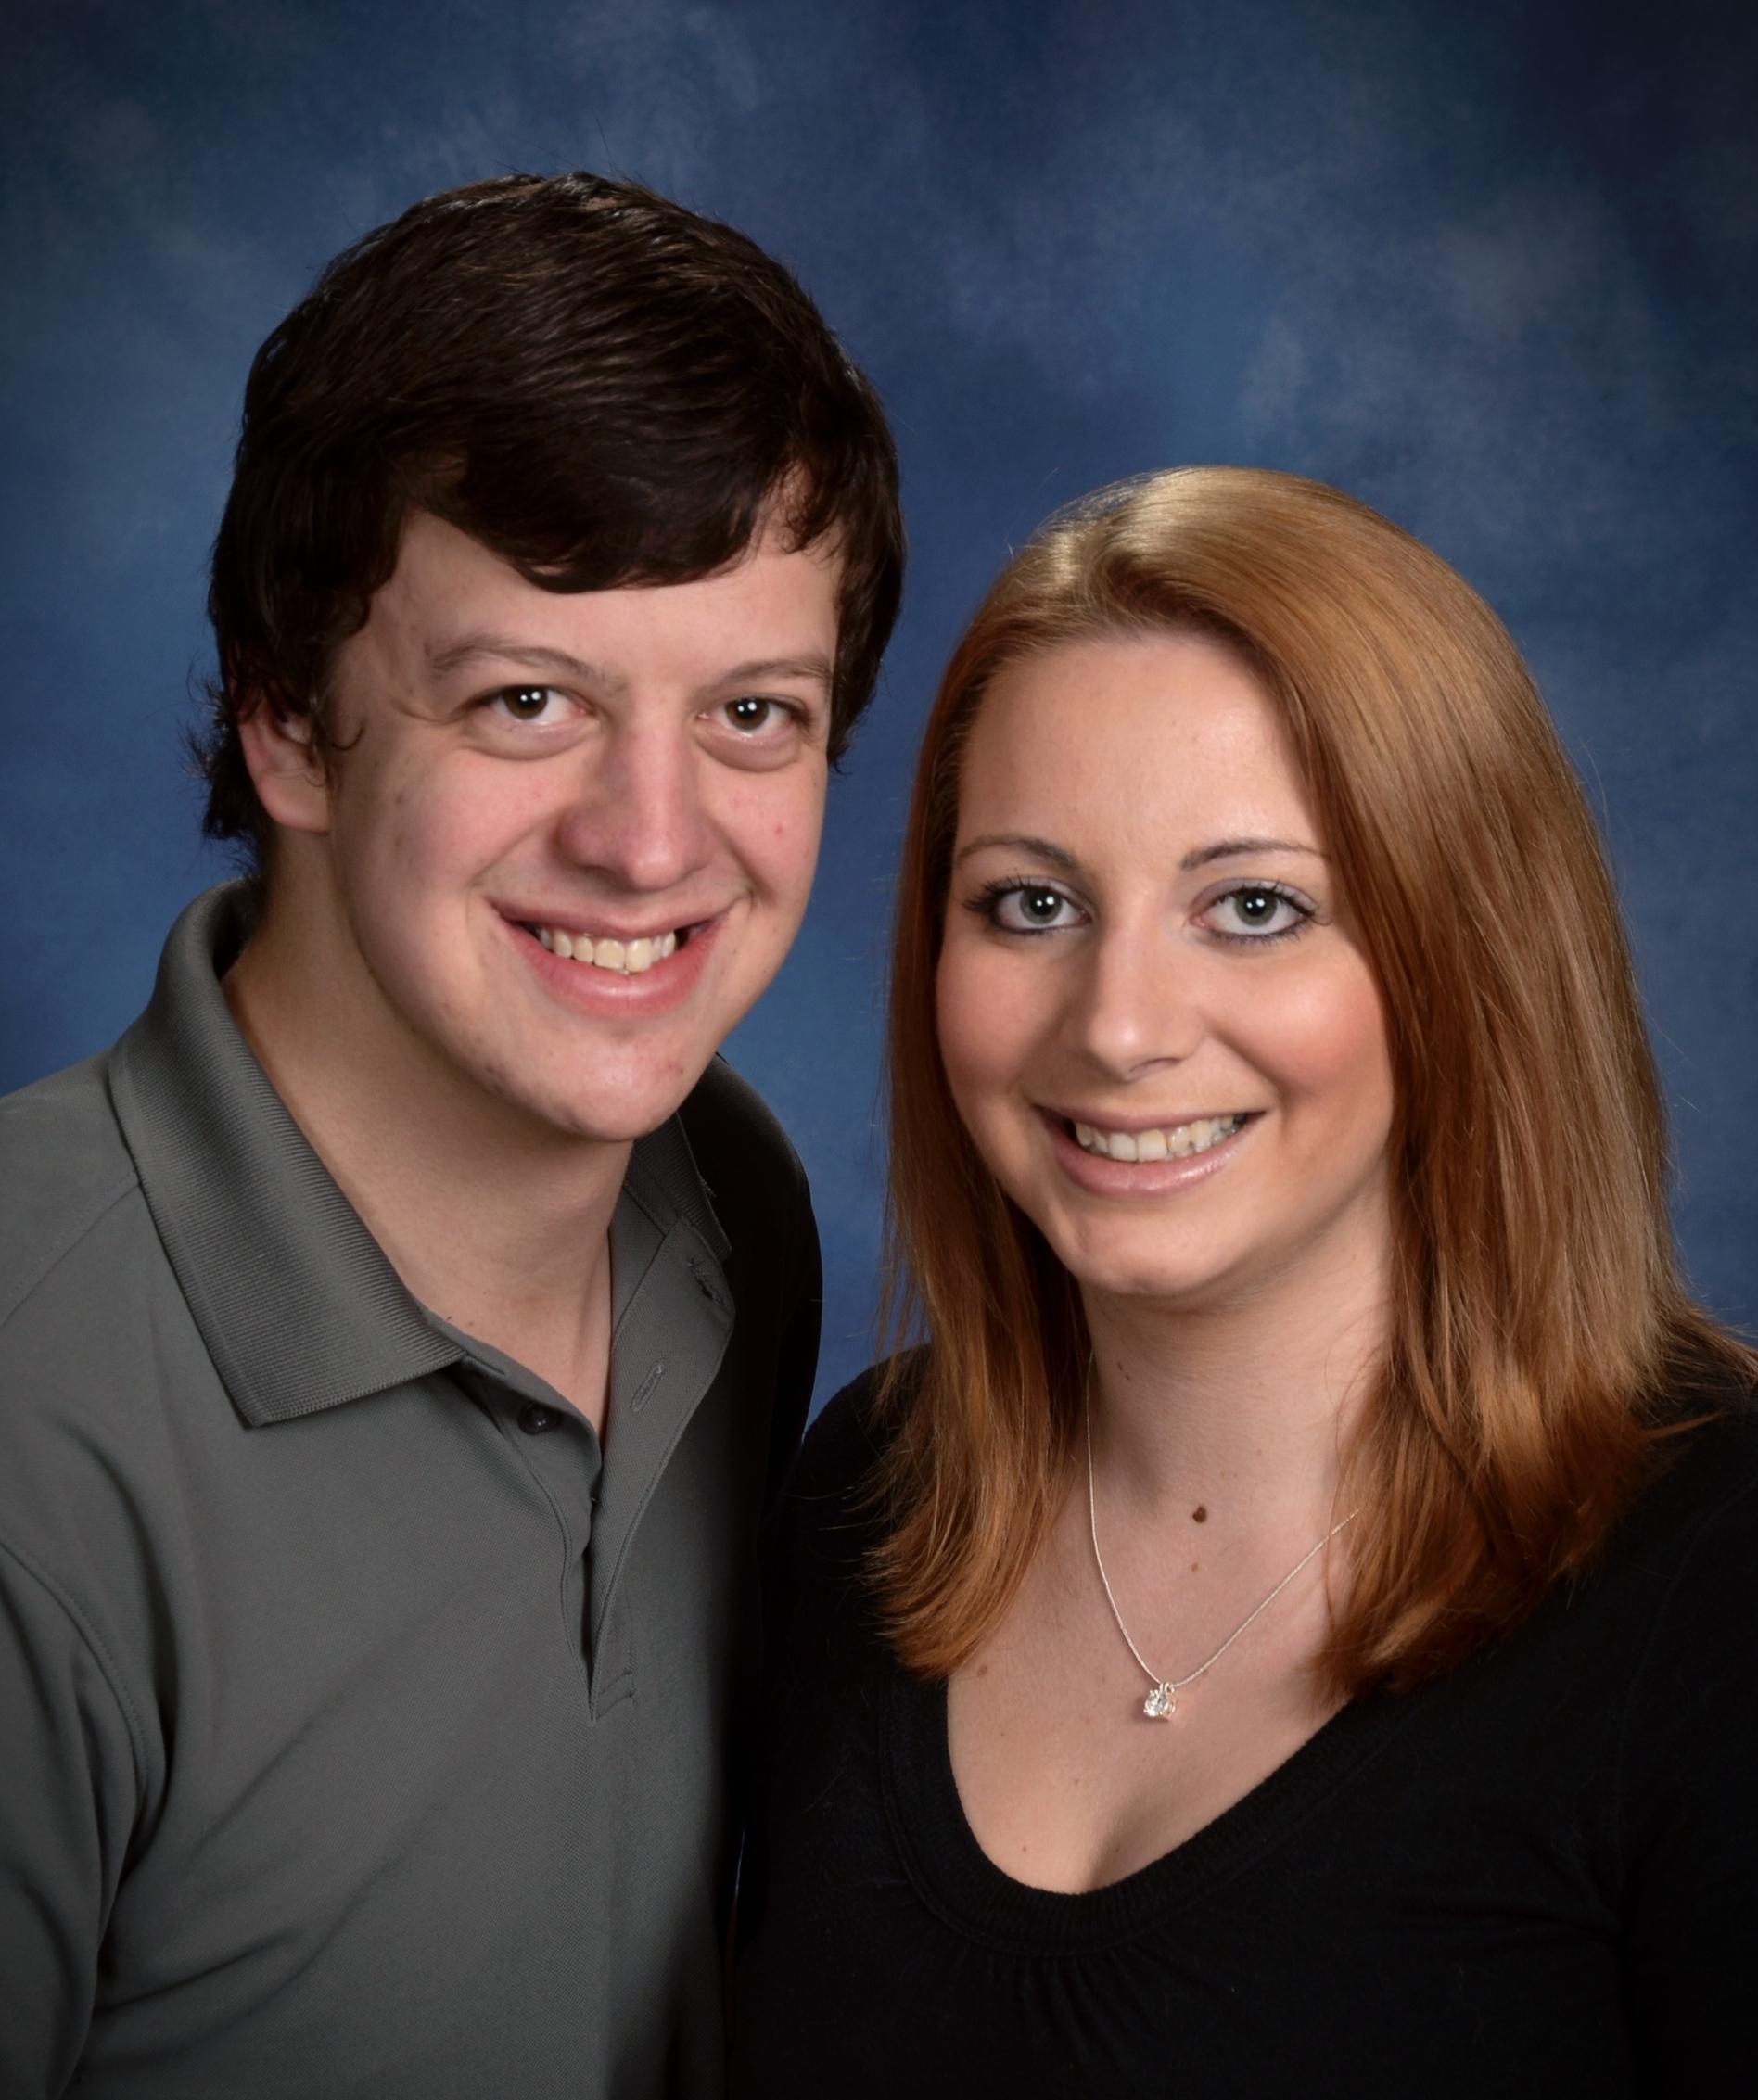 Kyle and Leah.jpg